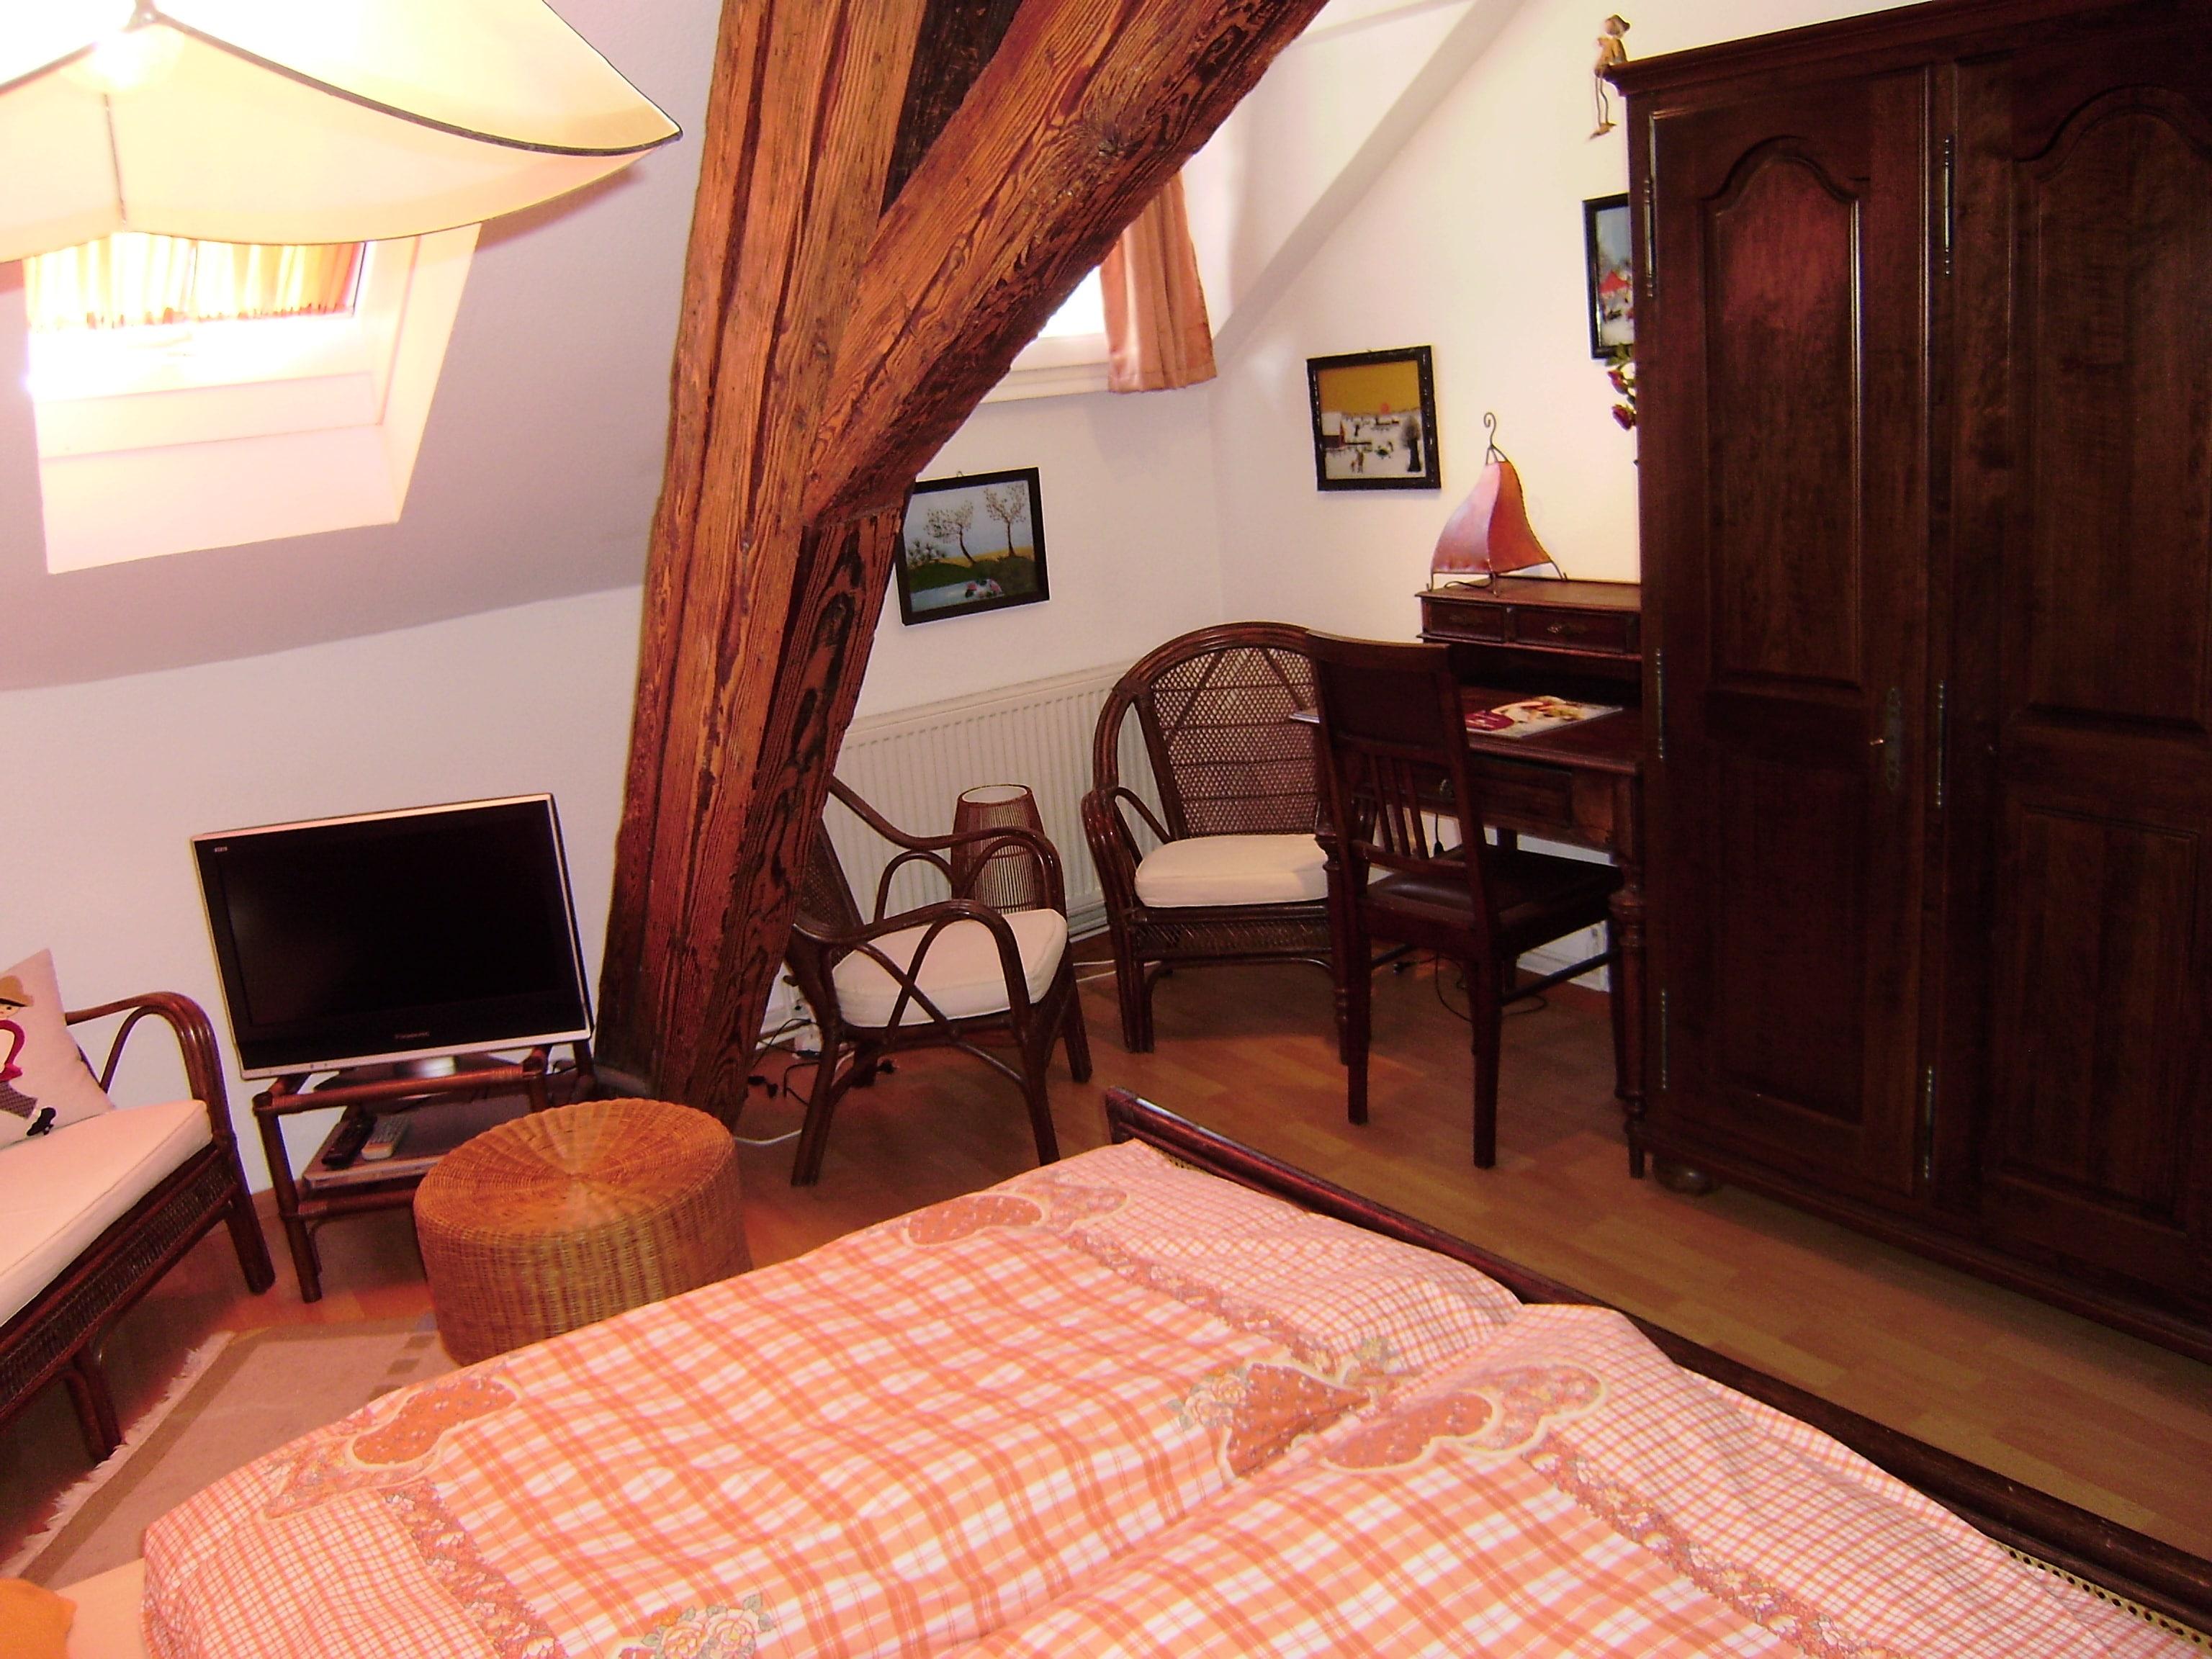 Gästehaus_Bad_Säckingen_Weizenkorn_Pension_Schweiz_Grenze_3